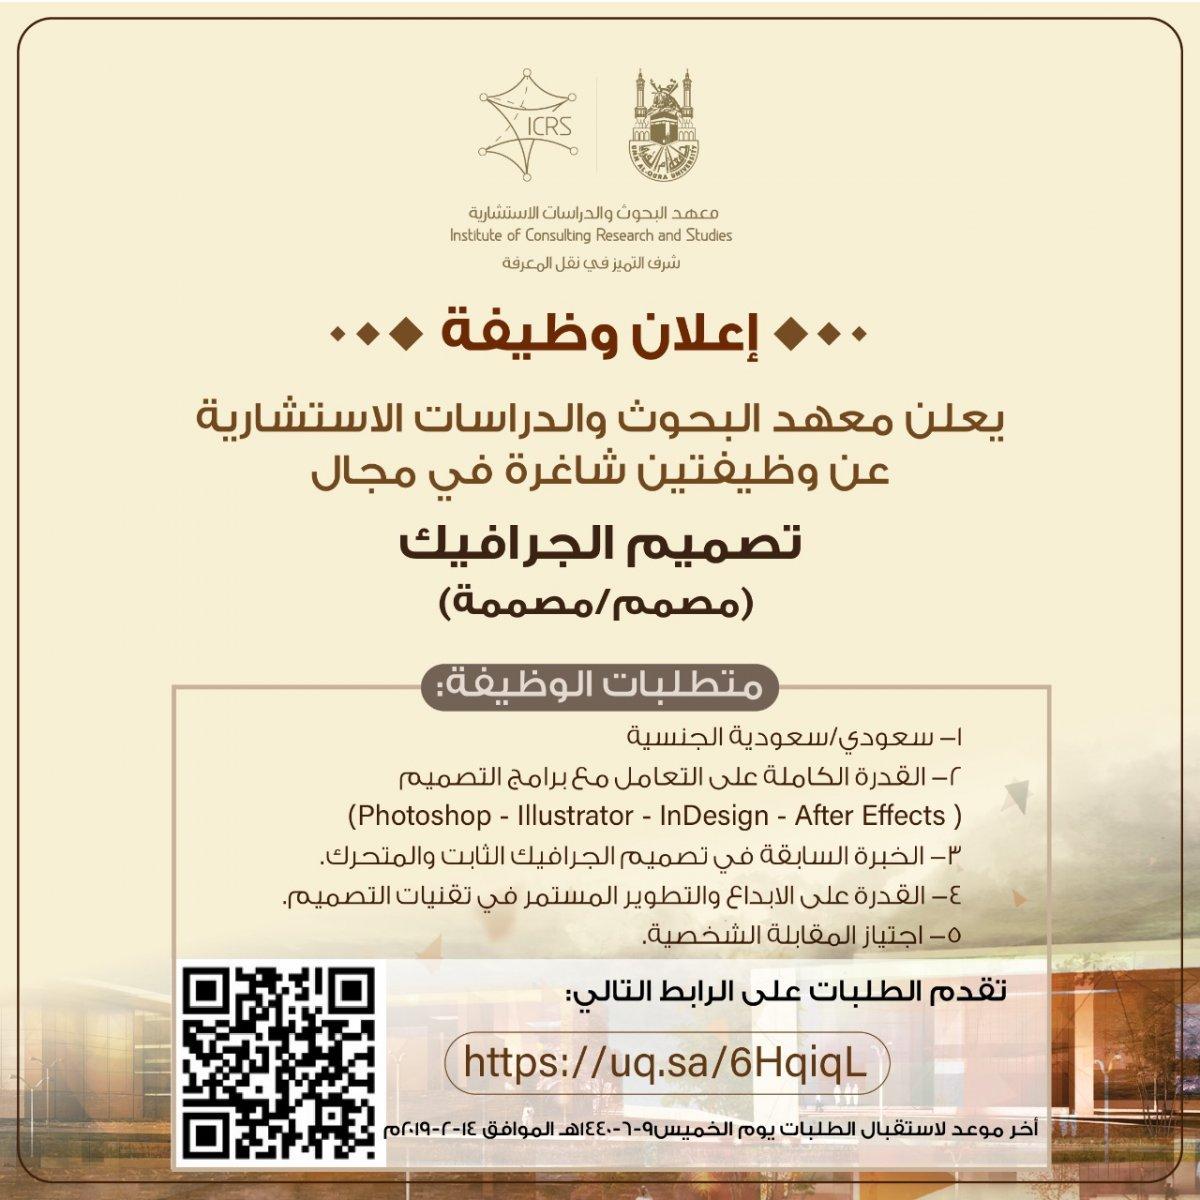 تعلن #جامعه_ام_القري عن وظيفتين مصمم /ة جرافيك للرجال و النساءنموذج التسجيل https://uqu.edu.sa/icrs/App/Forms/Show/8720#مكة #وظائف_مكة #وظائف_شاغرة #وظائف_نسائية #مكة_الان